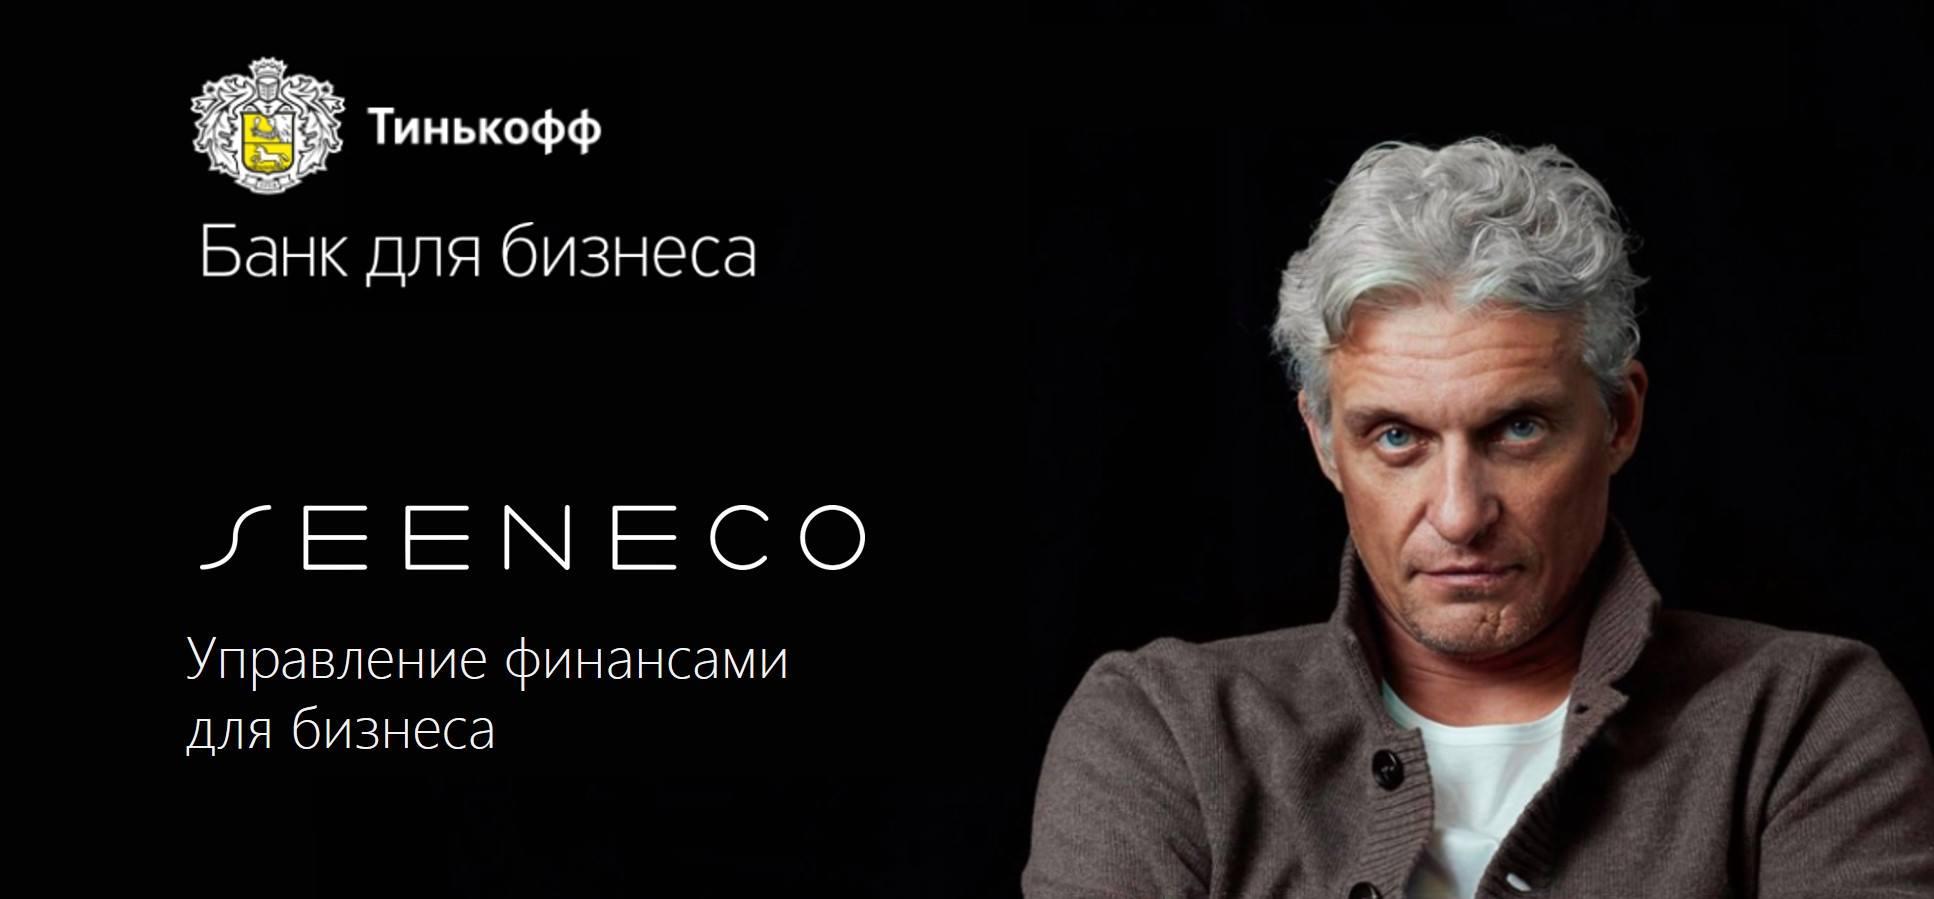 Seeneco защищает финансовые данные и подключает Тинькофф Банк